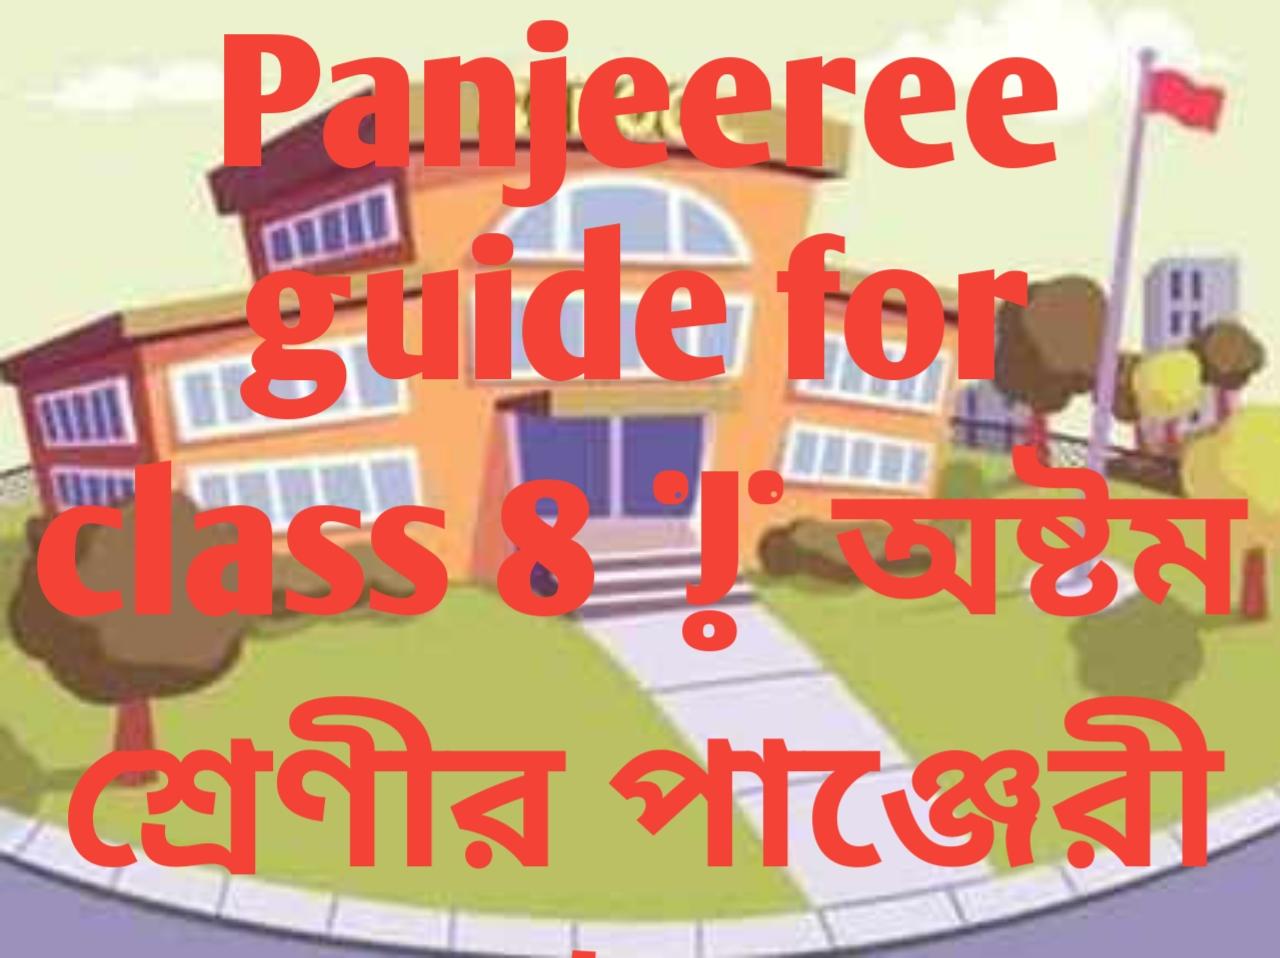 class 8 panjeeree guide 2021, class 8 panjeeree guide pdf, class 8 panjeeree guide book 2021, class 8 math solution panjeeree guide, panjeeree guide class 8, panjeeree guide for class 8, panjeeree guide for class 8 english, panjeeree guide for class 8 math, panjeeree guide for class 8 science, panjeeree guide for class 8 Bangladesh and global studies, panjeeree guide for class panjeeree guide for class 8 hindu dharma, panjeeree guide for class 8 ICT, panjeeree guide for class 8 home science, panjeeree guide for class 8 agriculture education, panjeeree guide for class physical education, অষ্টম শ্রেণীর বাংলা গাইড পাঞ্জেরি ডাউনলোড, অষ্টম শ্রেণীর বাংলা গাইড এর পিডিএফ, অষ্টম শ্রেণির বাংলা পাঞ্জেরি গাইড পিডিএফ ২০২১, অষ্টম শ্রেণীর পাঞ্জেরি গাইড ২০২১, অষ্টম শ্রেণির ইংরেজি পাঞ্জেরি গাইড, অষ্টম শ্রেণীর গণিত পাঞ্জেরি গাইড, অষ্টম শ্রেণীর পাঞ্জেরি গাইড বিজ্ঞান, অষ্টম শ্রেণীর পাঞ্জেরি গাইড বাংলাদেশ ও বিশ্বপরিচয়, অষ্টম শ্রেণীর পাঞ্জেরি গাইড ইসলাম শিক্ষা, অষ্টম শ্রেণীর পাঞ্জেরি গাইড হিন্দুধর্ম, অষ্টম শ্রেণীর পাঞ্জেরি গাইড গার্হস্থ্য বিজ্ঞান, অষ্টম শ্রেণীর পাঞ্জেরি গাইড কৃষি শিক্ষা, অষ্টম শ্রেণীর পাঞ্জেরি গাইড তথ্য যোগাযোগ প্রযুক্তি, অষ্টম শ্রেণীর পাঞ্জেরি গাইড শারীরিক শিক্ষা,